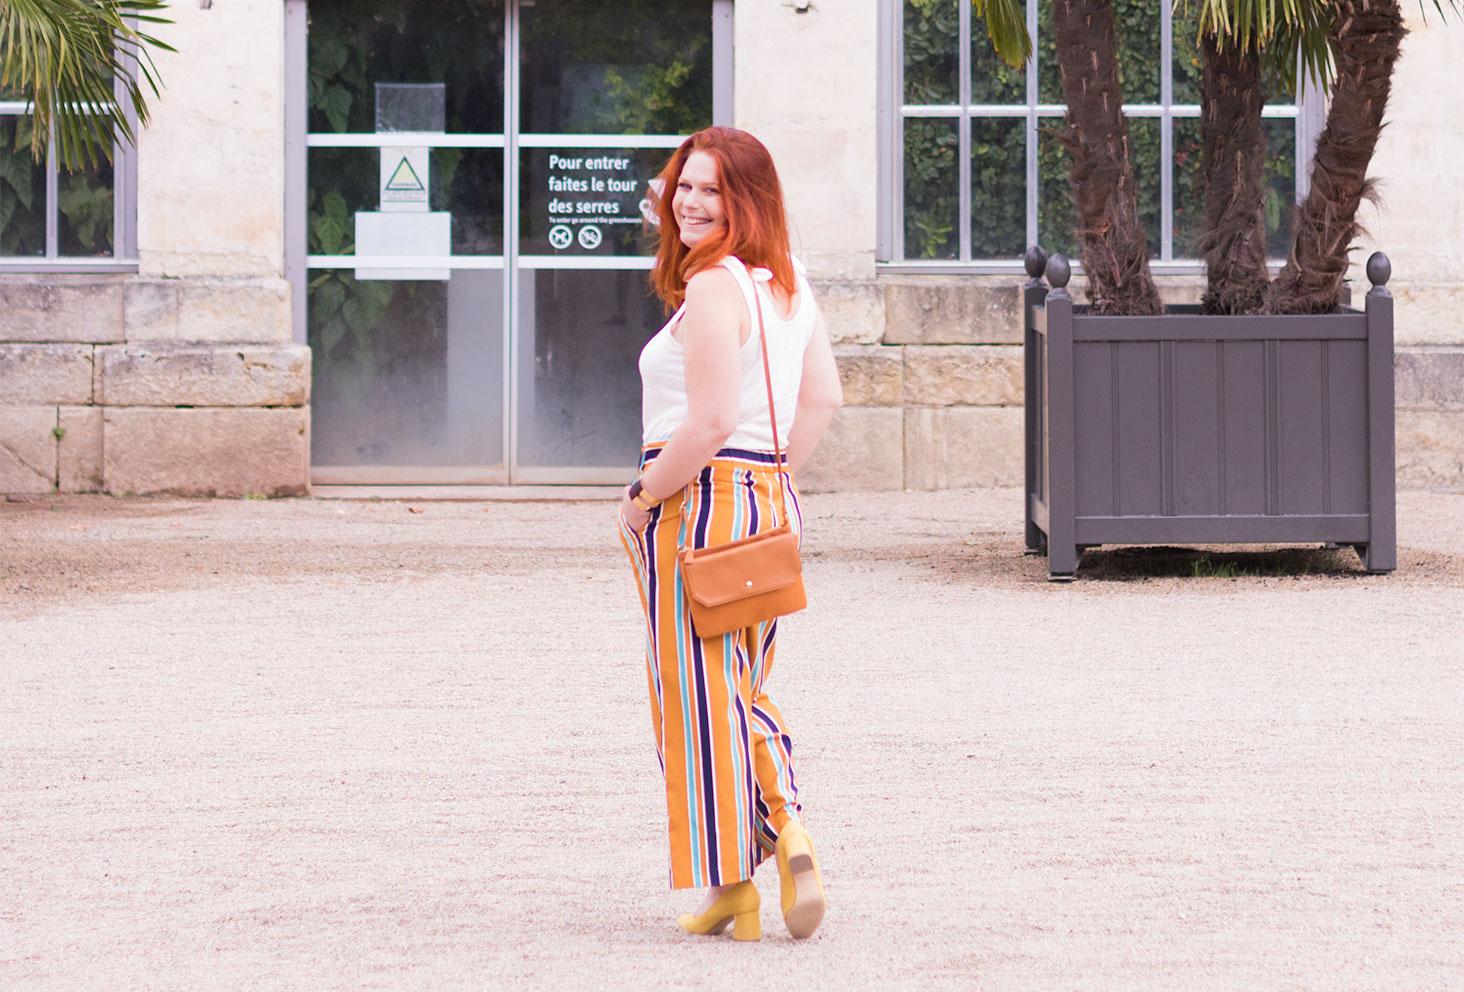 De dos, devant la verrière du jardin Botanique de Tours, en pantalon à rayures jaunes et bleus